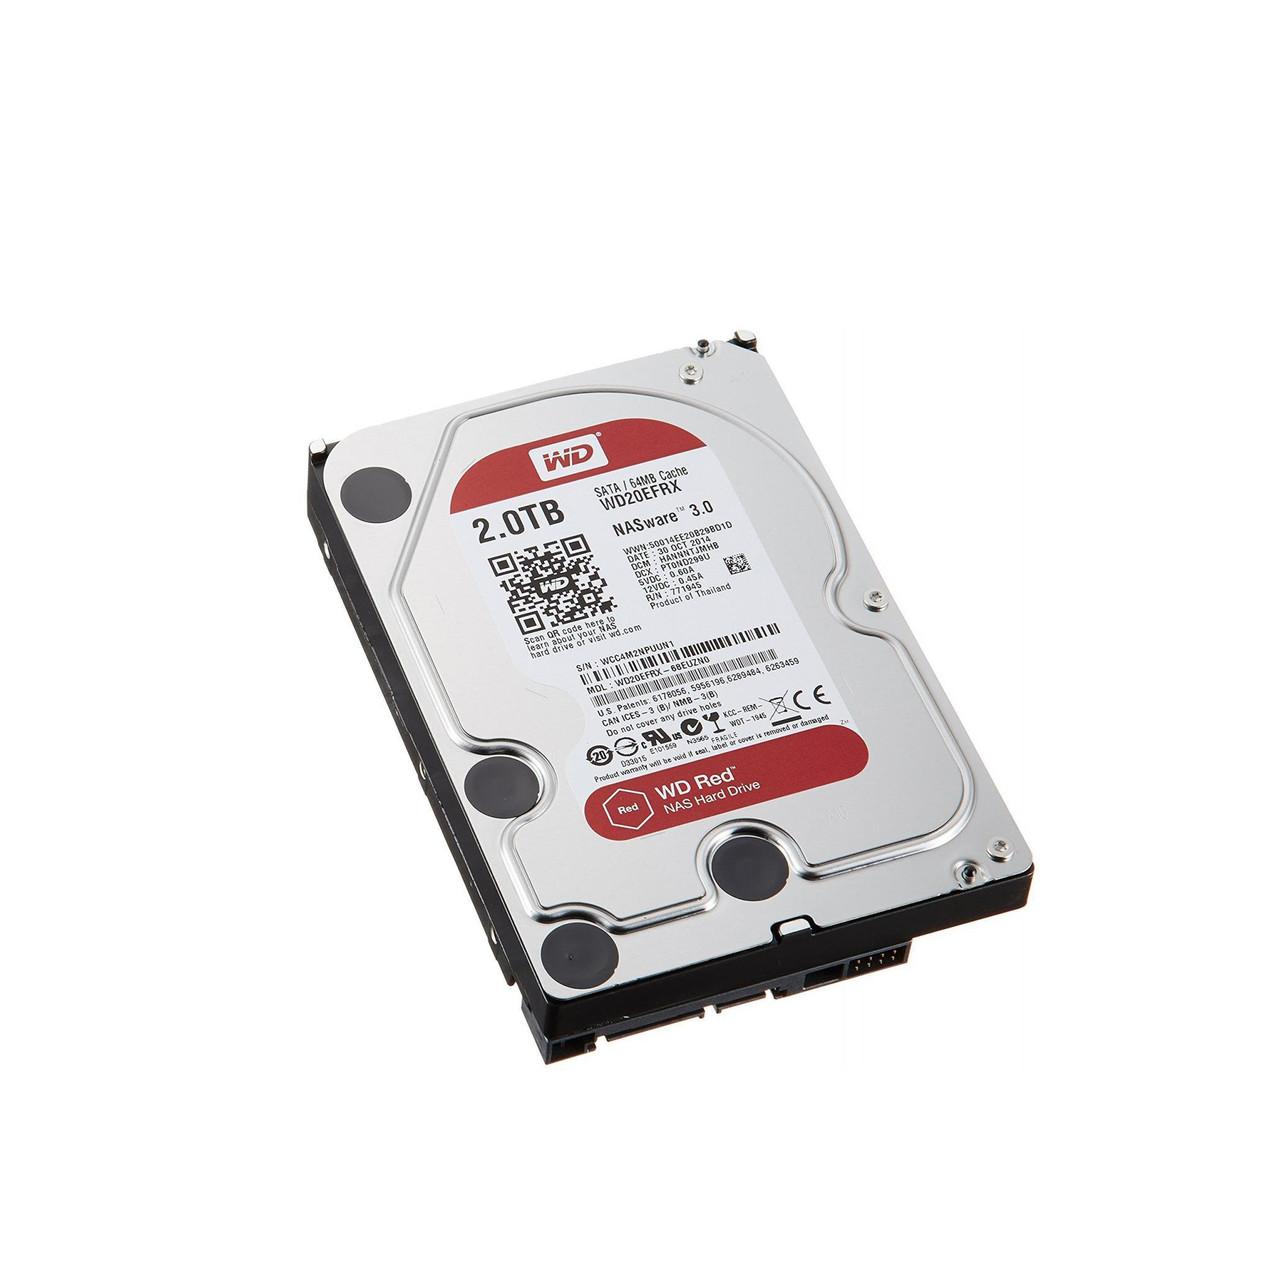 Жесткий диск внутренний Western Digital (WD) Red WD20EFRX (2Тб (2000Гб), HDD, 3,5″, Для систем хранения (СХД),